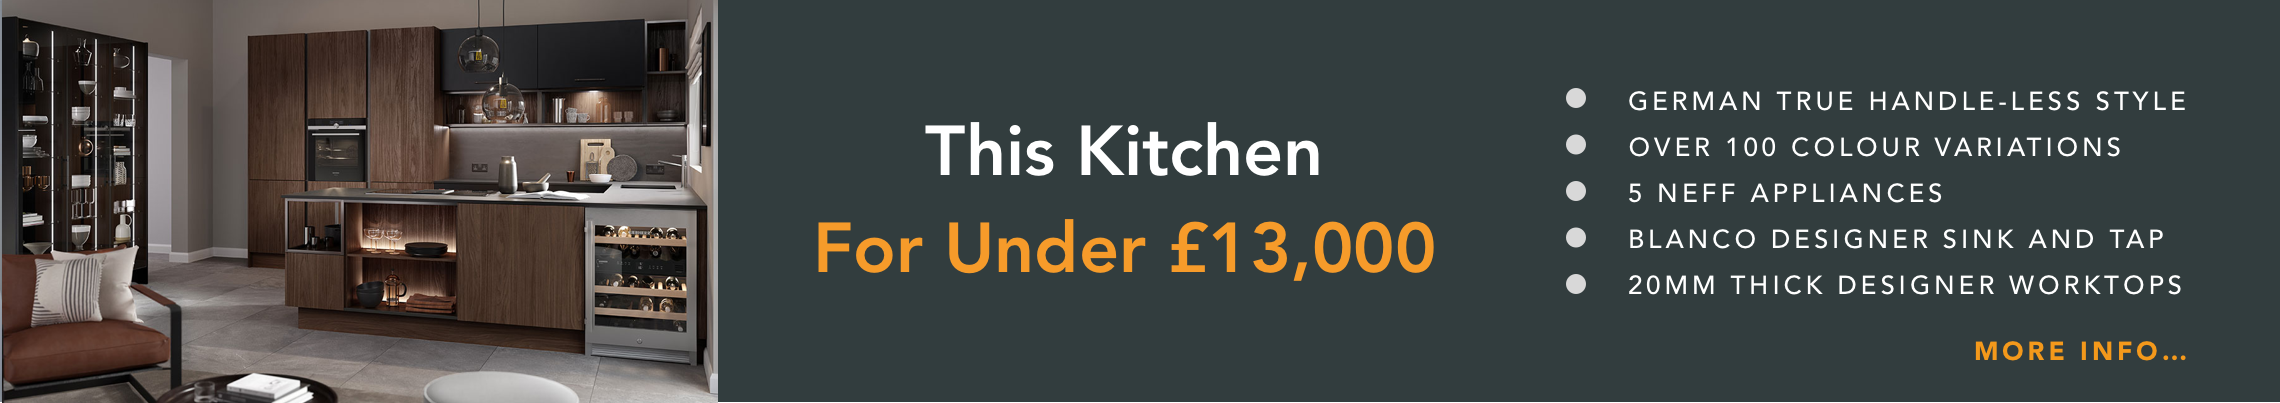 This kitchen for under £9,995